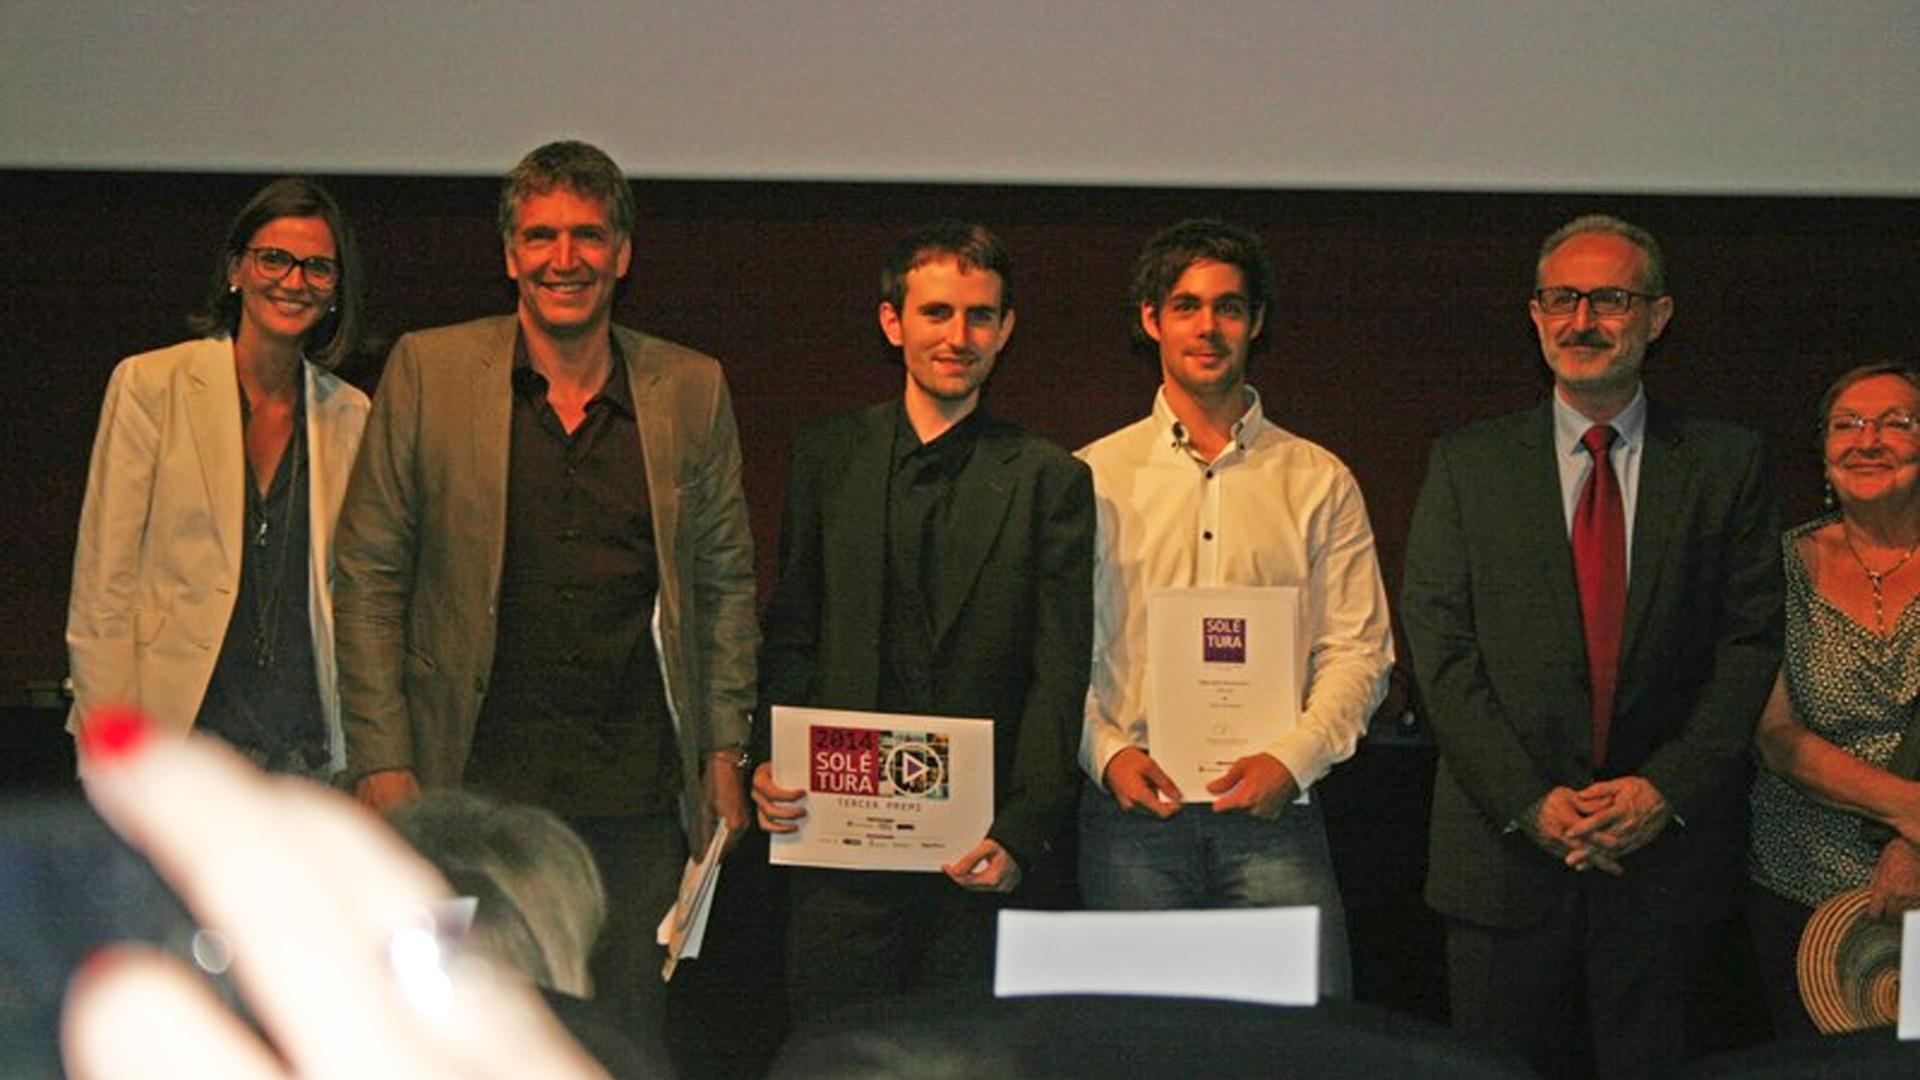 """""""El espejo humano"""" 3er Premio Mejor Cortometraje del V Premio Jordi Solé Tura (España)."""